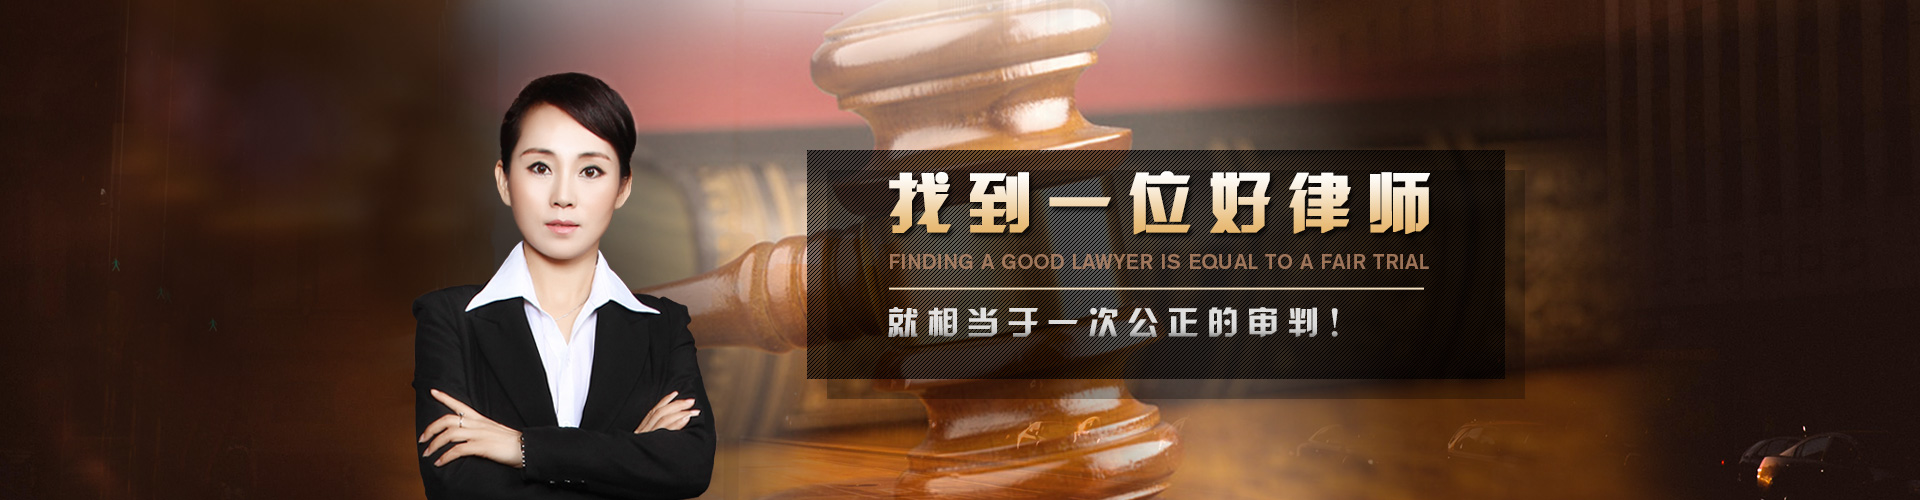 黑龙江李易桐律师2